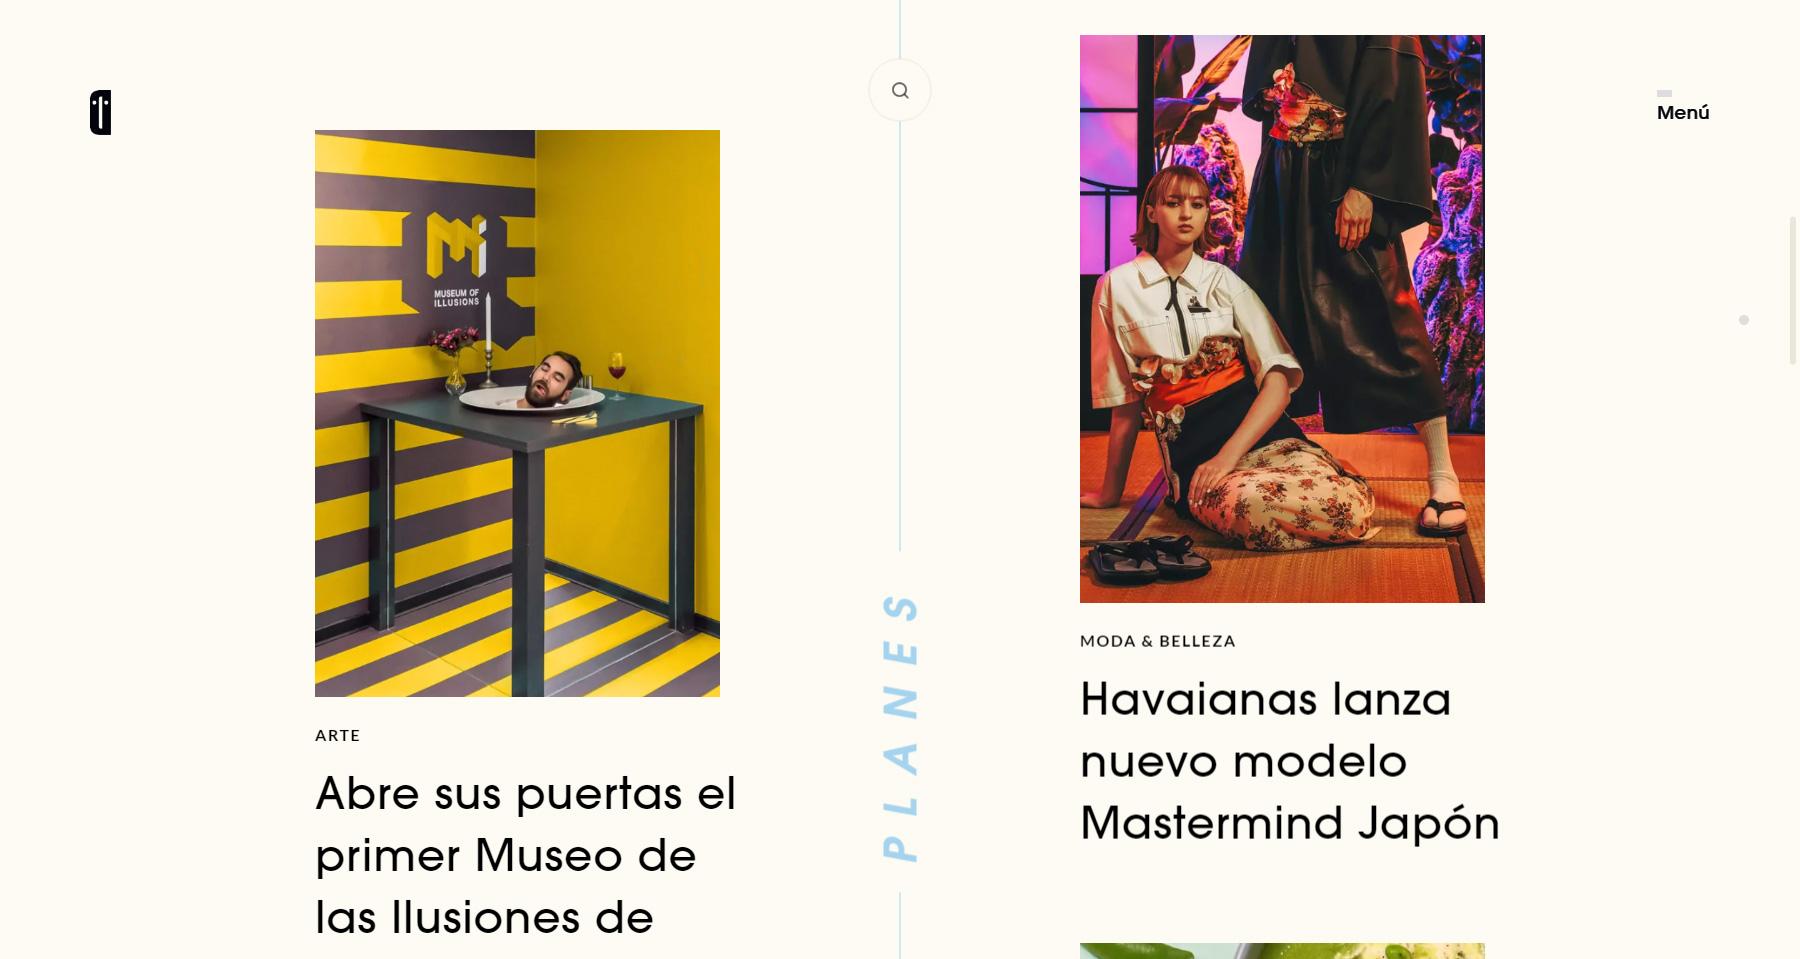 Revista el duende - Website of the Day